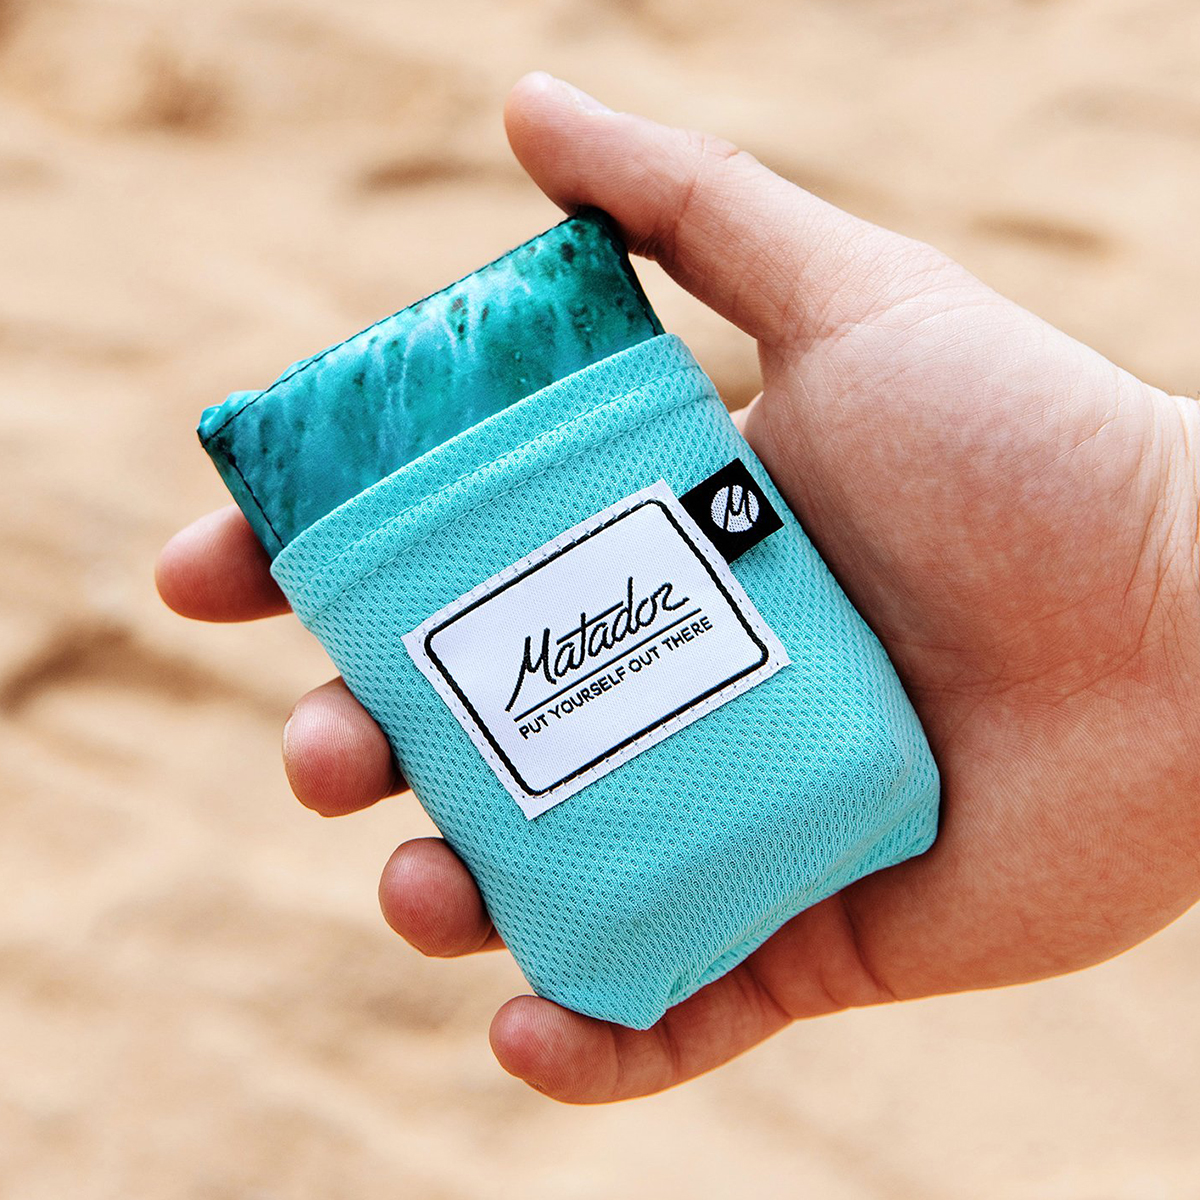 コンパクトに収納できるスグレモノ。広げるだけで、どこでもビーチ気分!手のひらサイズにたためる撥水仕様のレジャーシート「OCEAN」(夏限定) Matador POCKET BLANKET